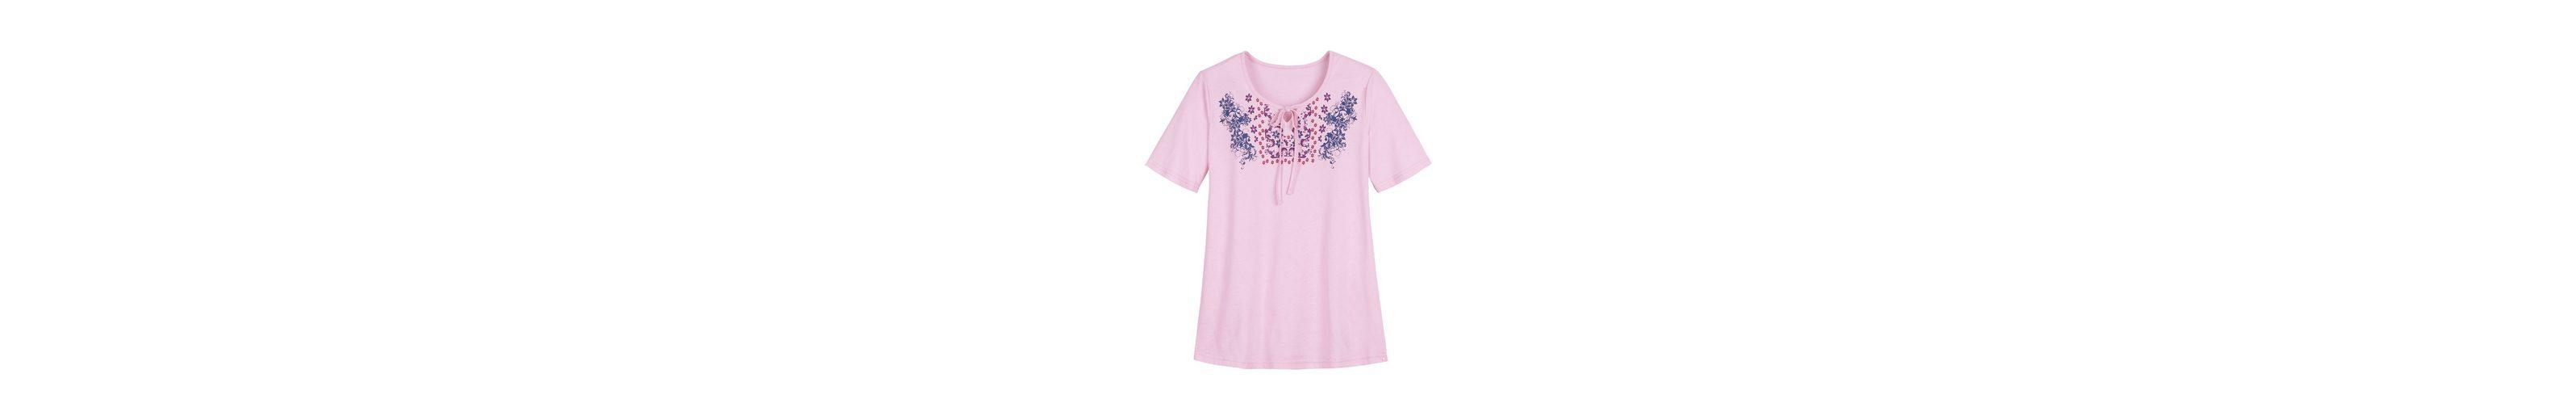 Online Gehen Eastbay Günstig Online Classic Basics Shirt aus reiner Baumwolle Auslass Schnelle Lieferung Auslass Wahl JQ24jyx